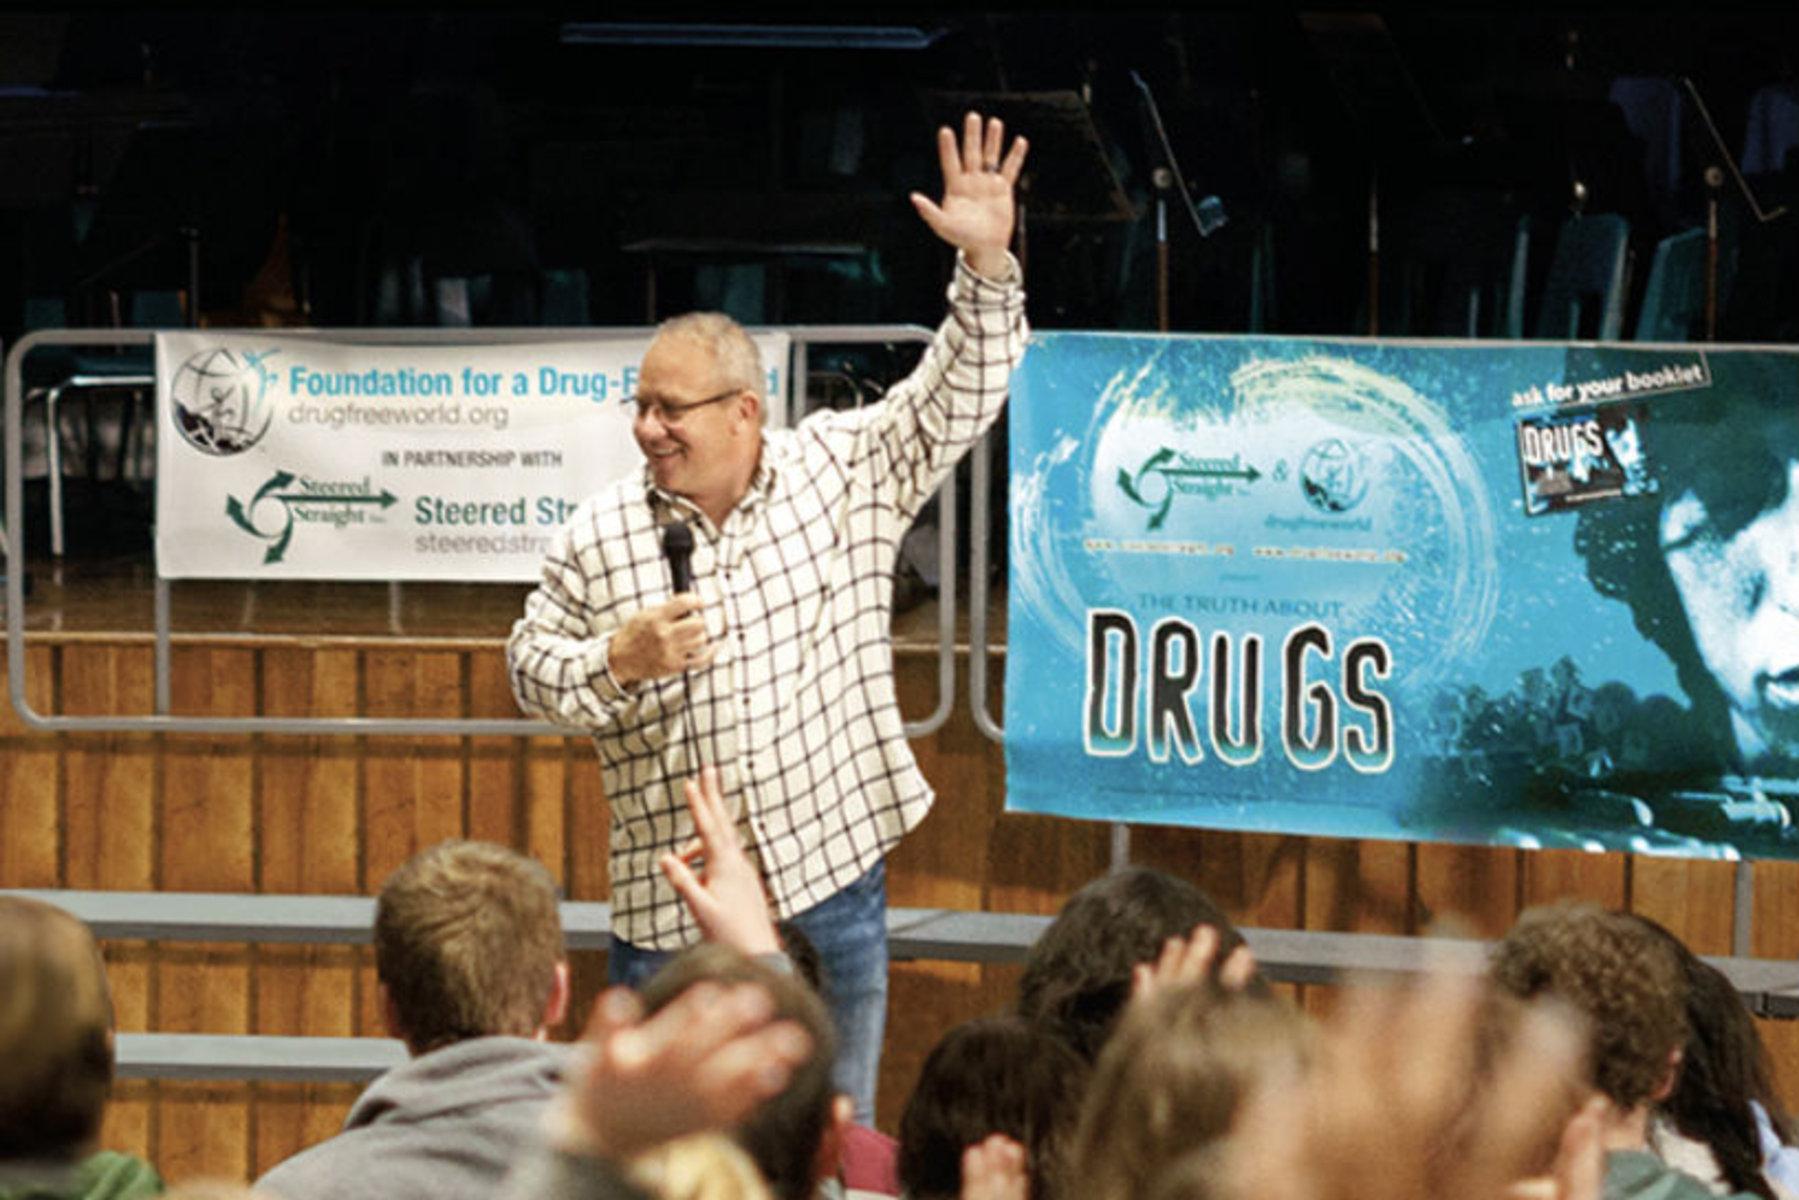 Diriger les enfants dans le droit chemin en ce qui concerne les drogues